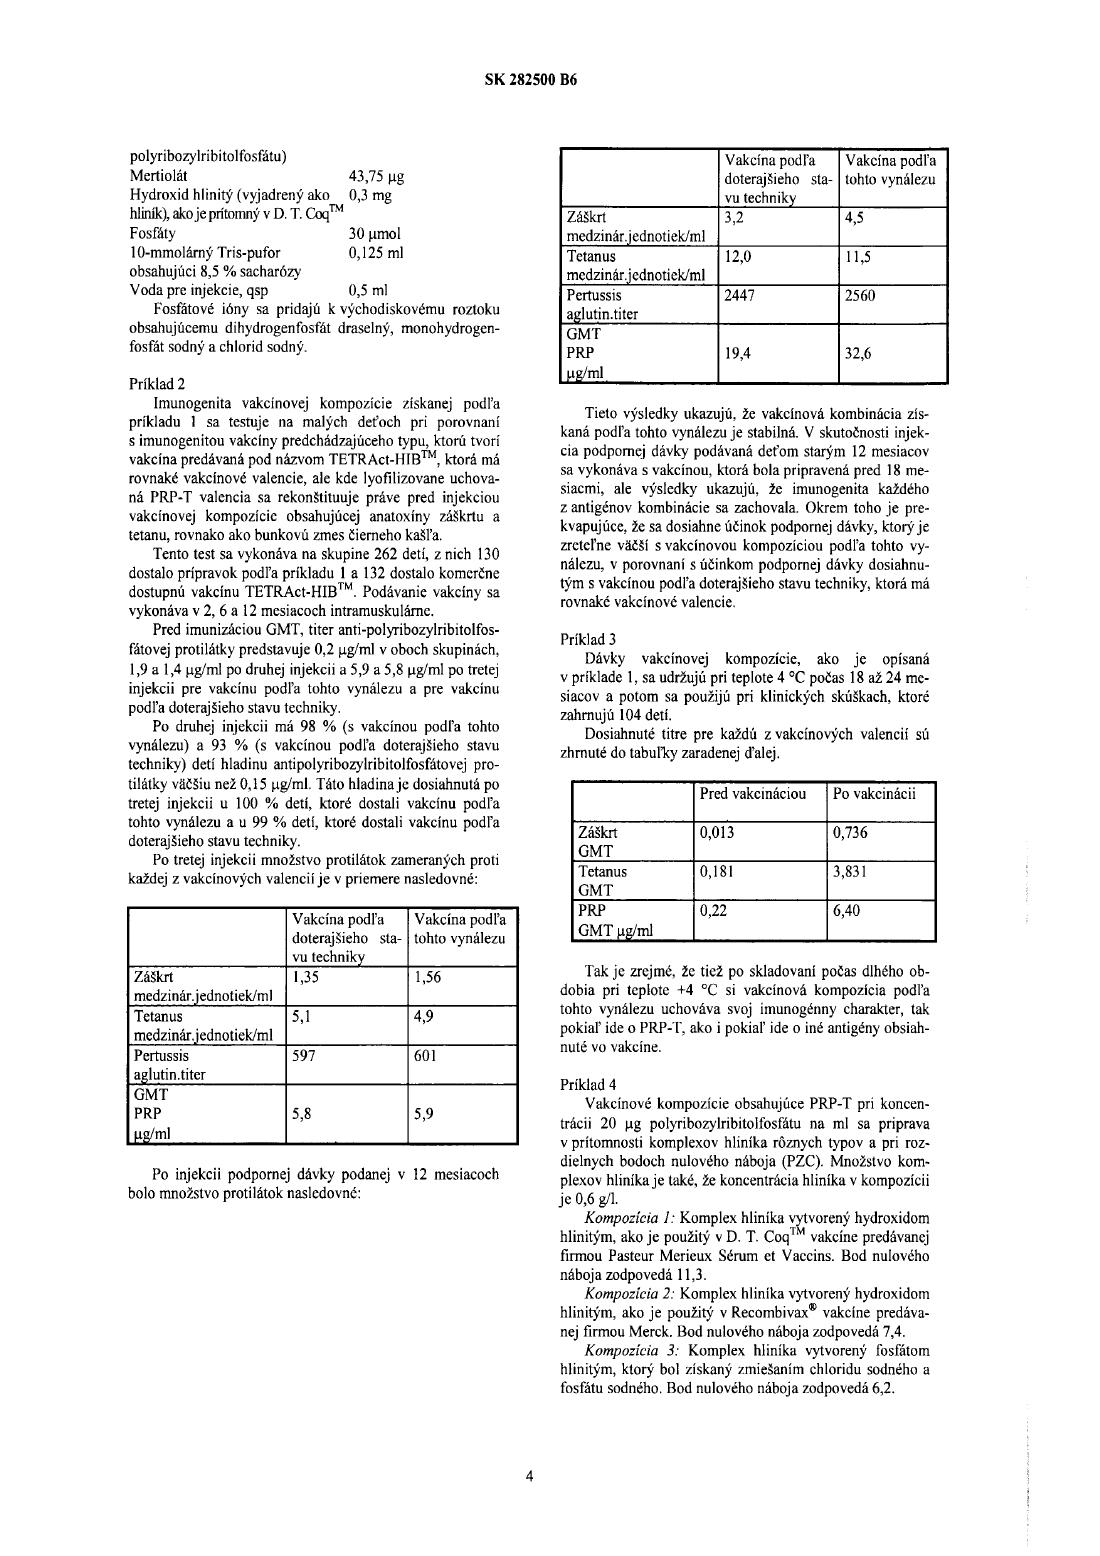 Vakcnov Kompozcia Obsahujca Polyribozylribitolfosft A Spsob 282500 Natavanie